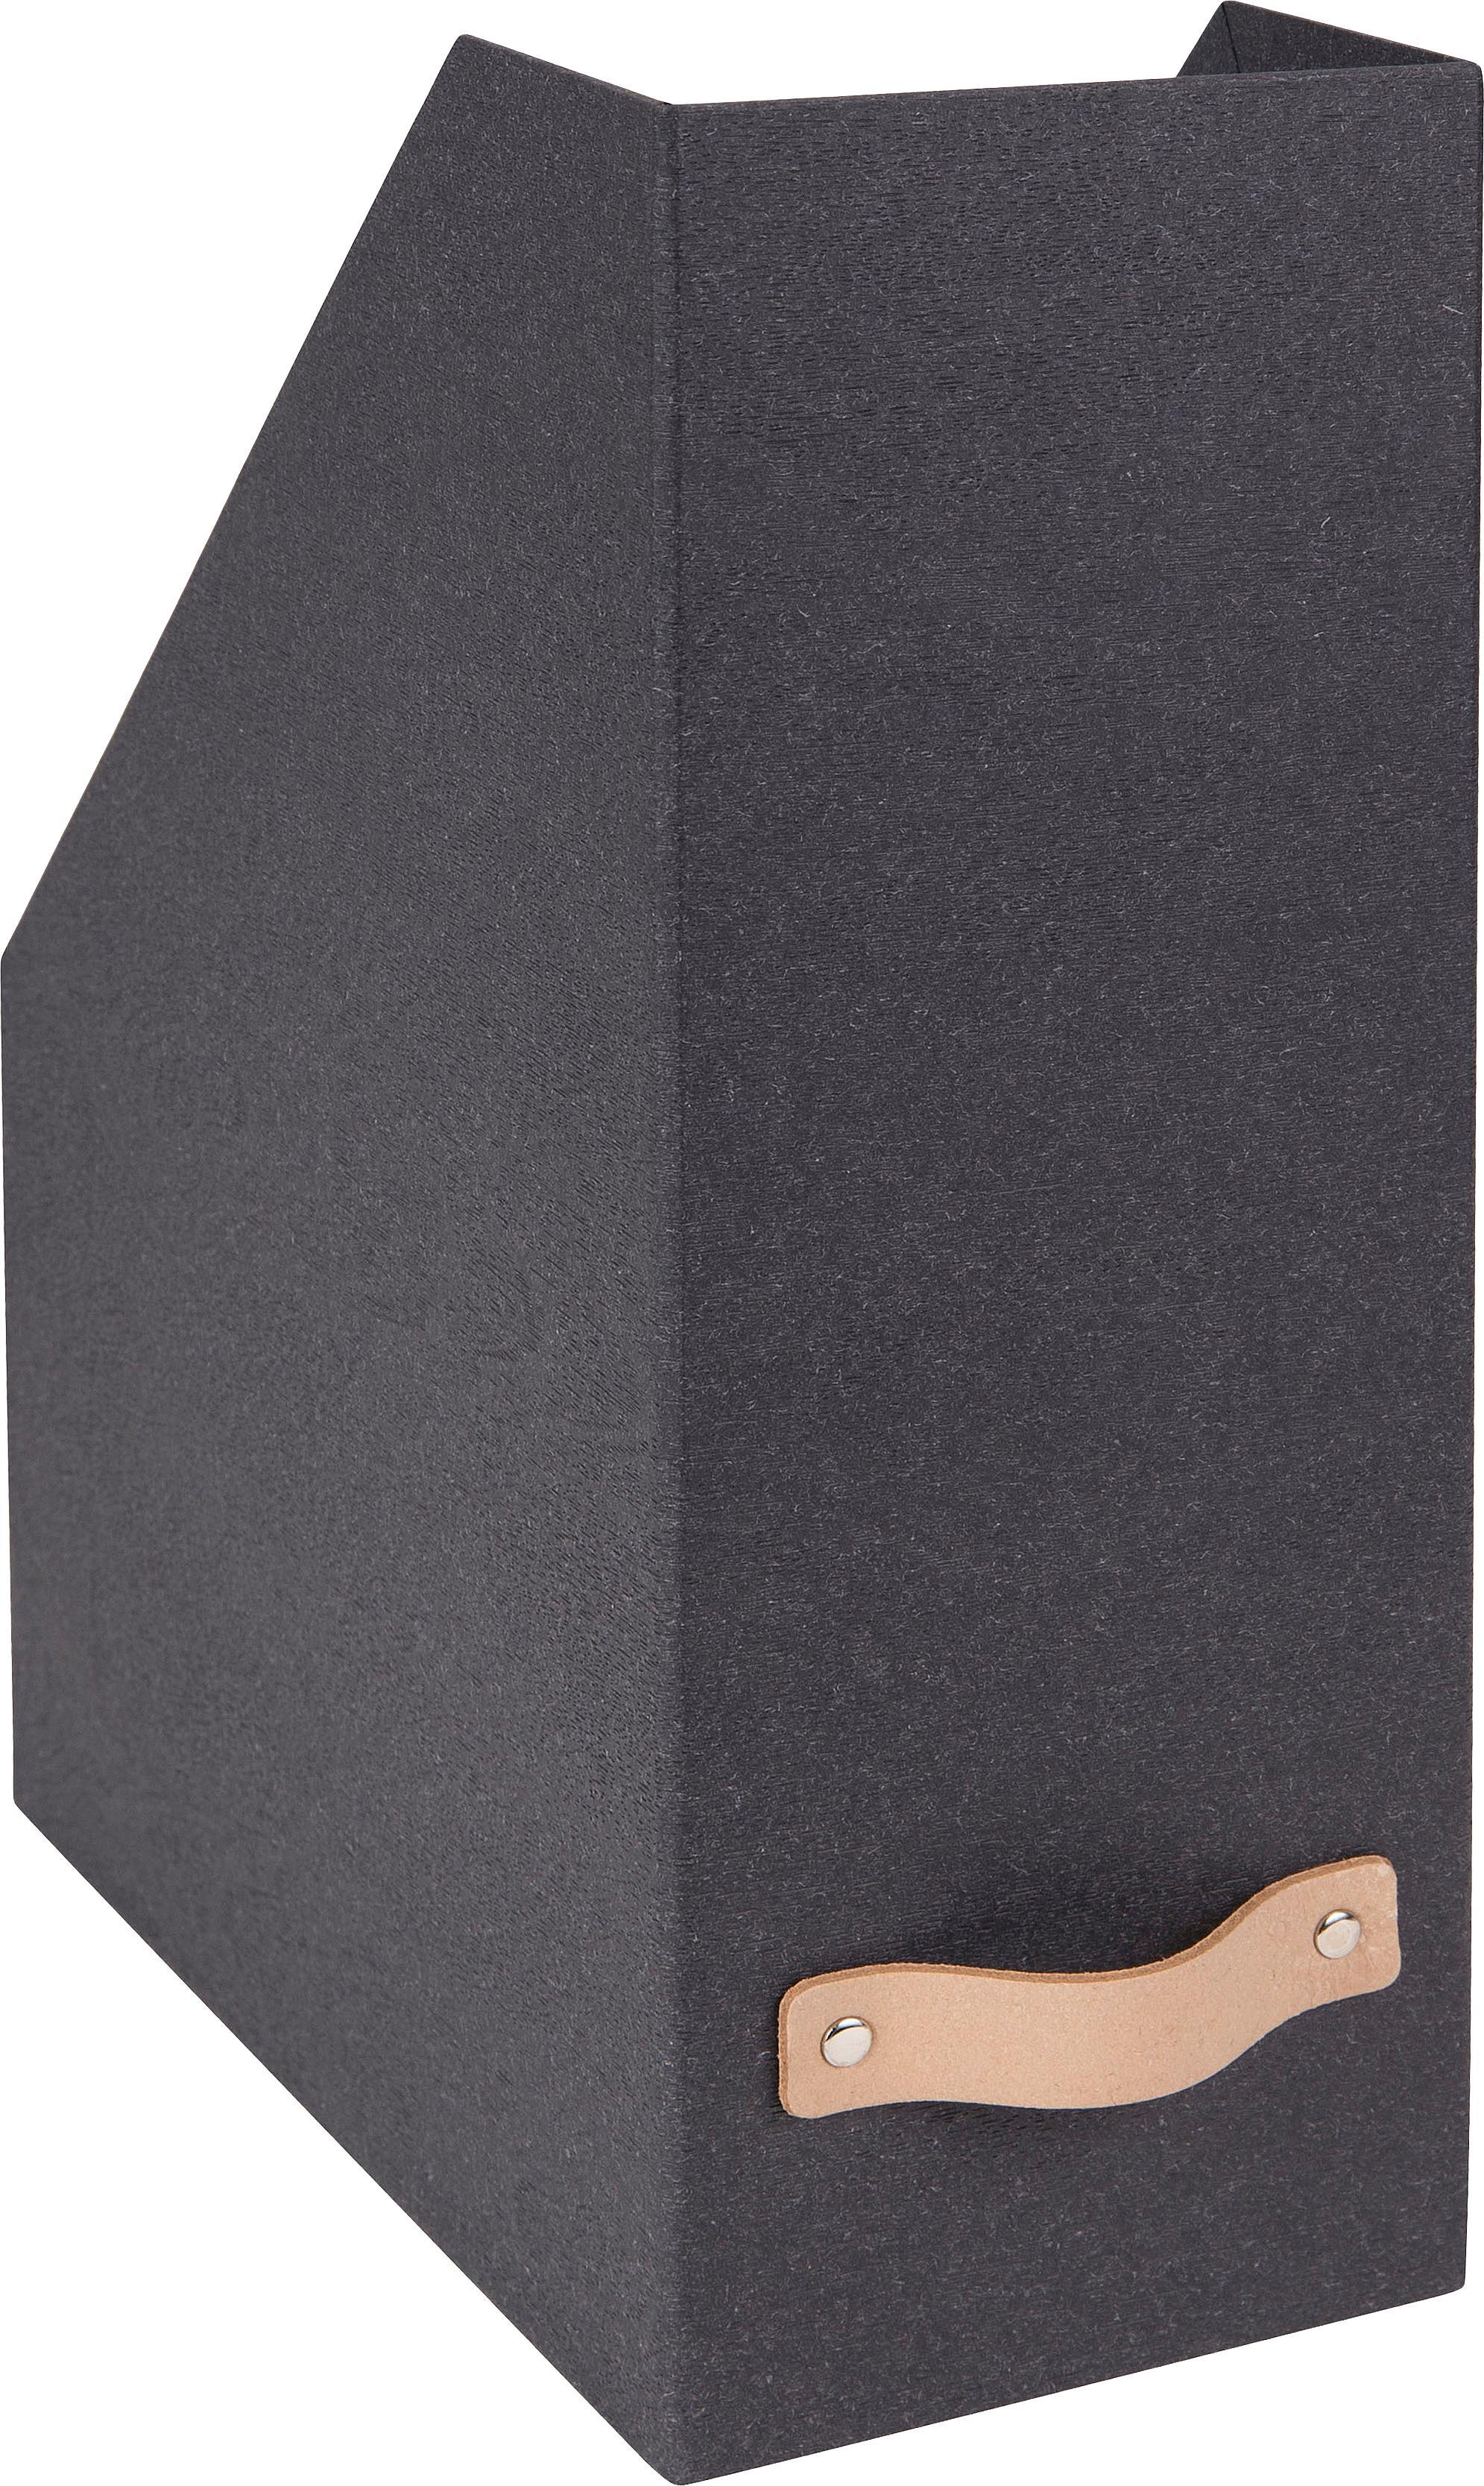 Stehsammler Estelle, Organizer: Fester Karton, mit Holzde, Griff: Leder, Organizer: Schwarz Griff: Beige, 12 x 32 cm